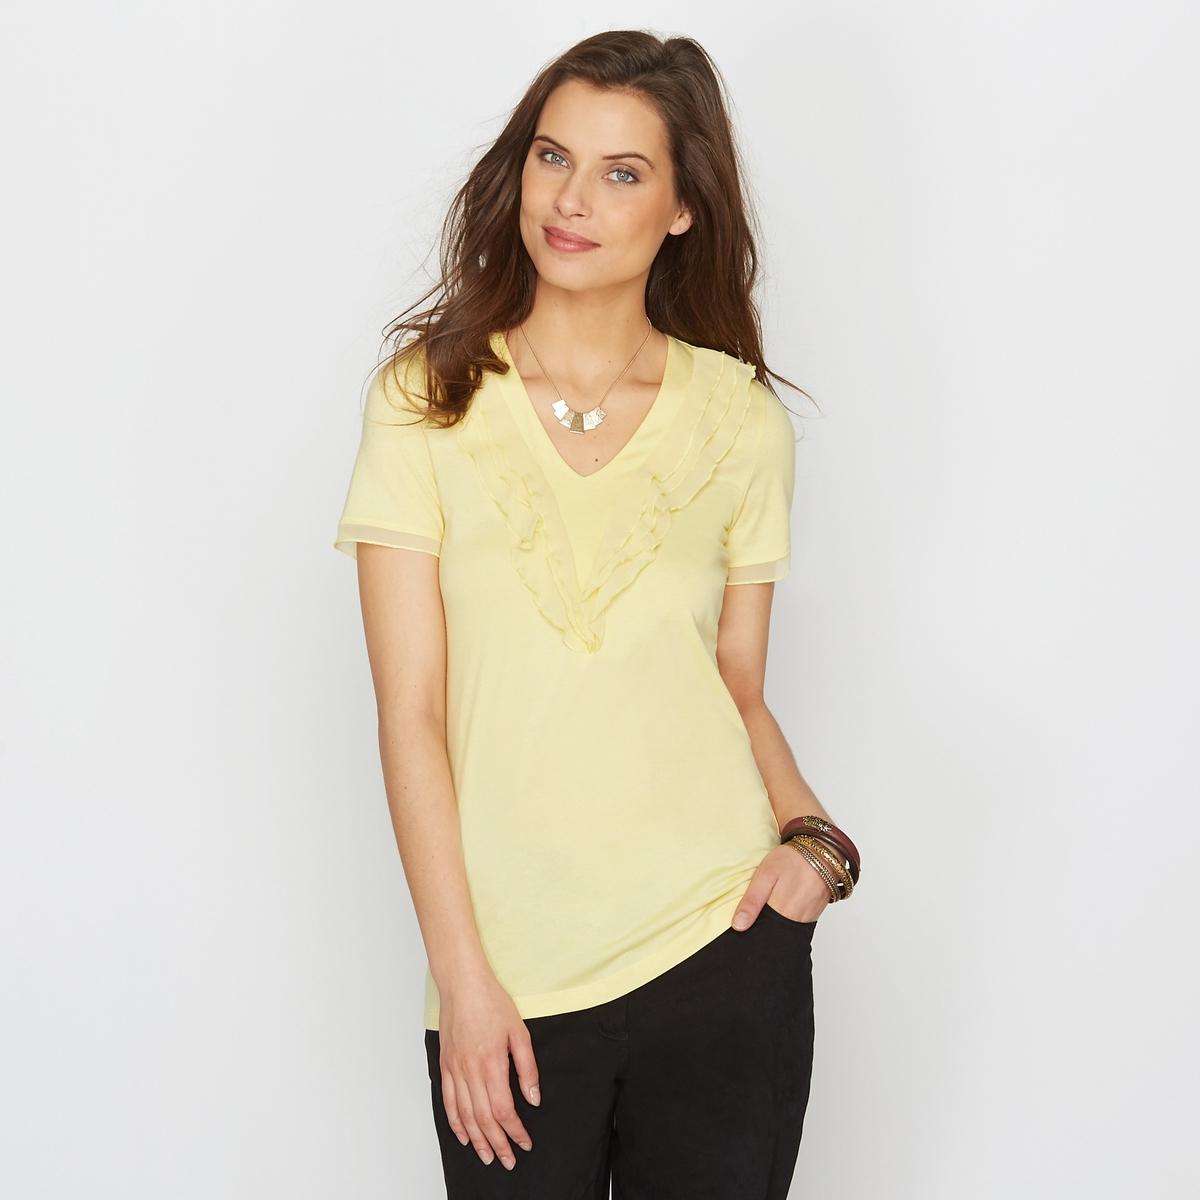 Топ из хлопка и модалаКачественный джерси трикотаж, 50% хлопка, 50% модала. Сочетание натурального хлопка и модала подарит вам невероятный комфорт.<br><br>Цвет: желтый,розовый,черный<br>Размер: 46/48 (FR) - 52/54 (RUS).42/44 (FR) - 48/50 (RUS).38/40 (FR) - 44/46 (RUS)